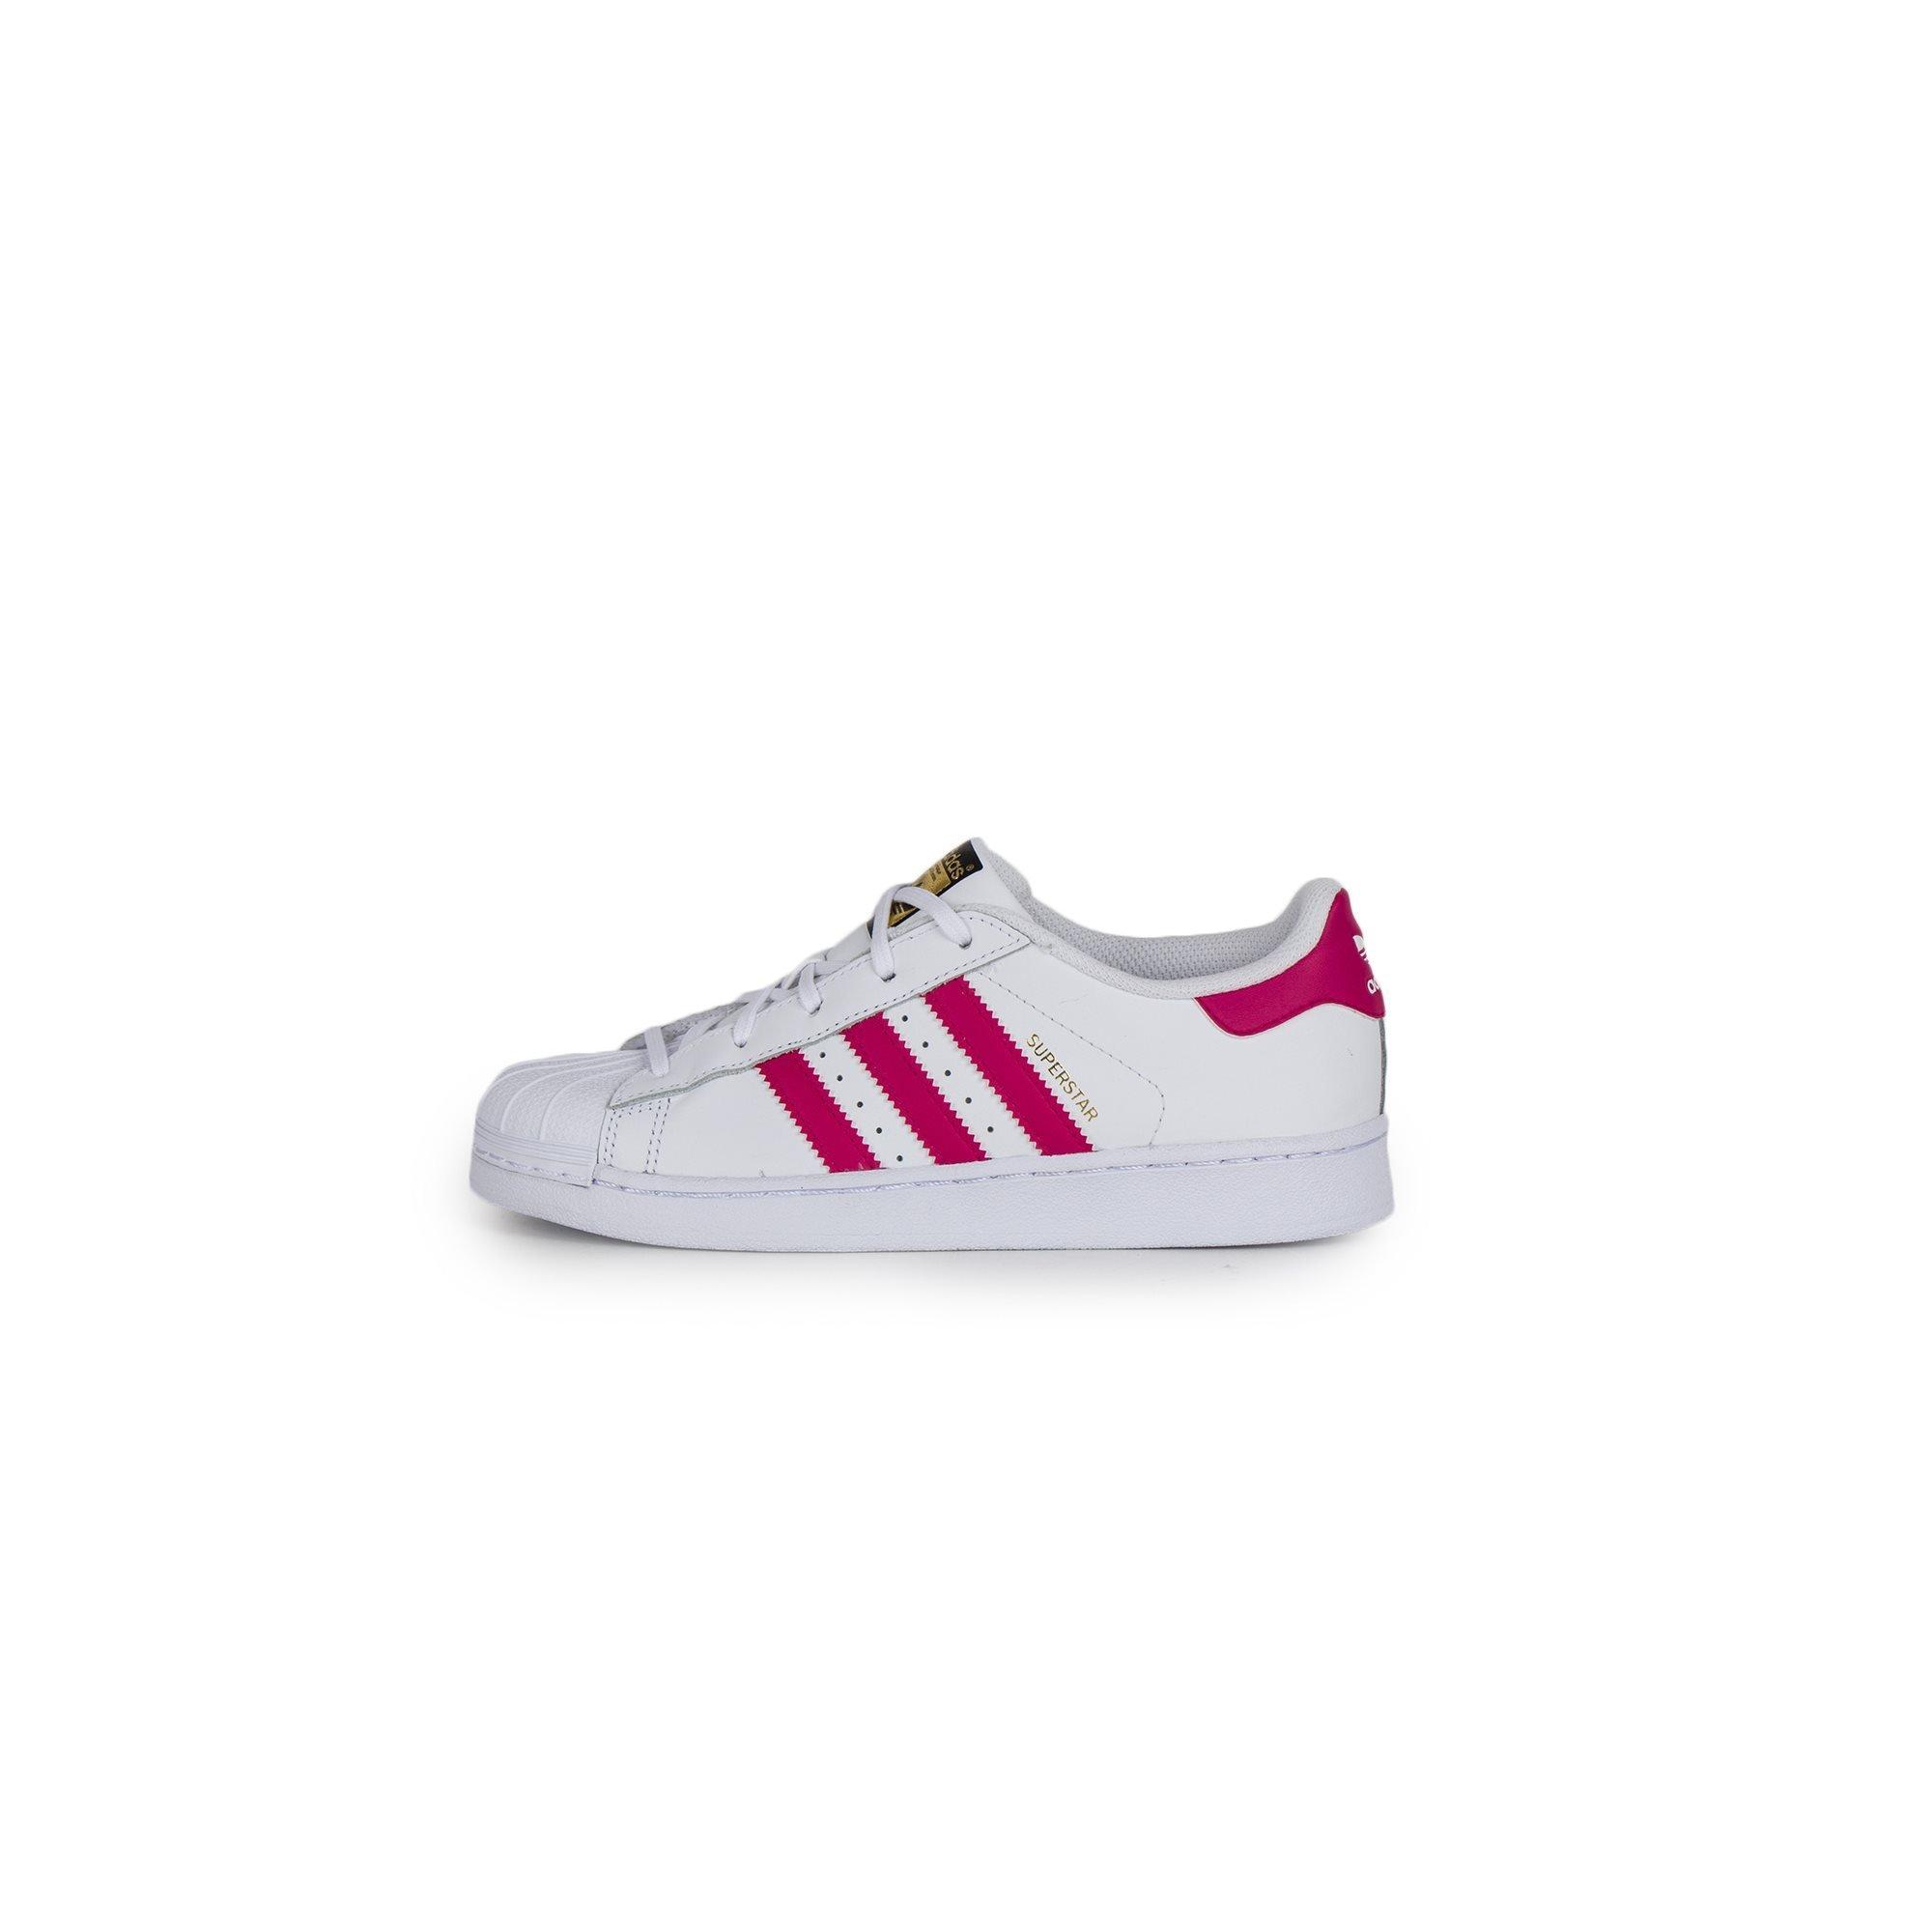 adidas blancas Originals Zapatillas blancas adidas y fucsias 5c6b67